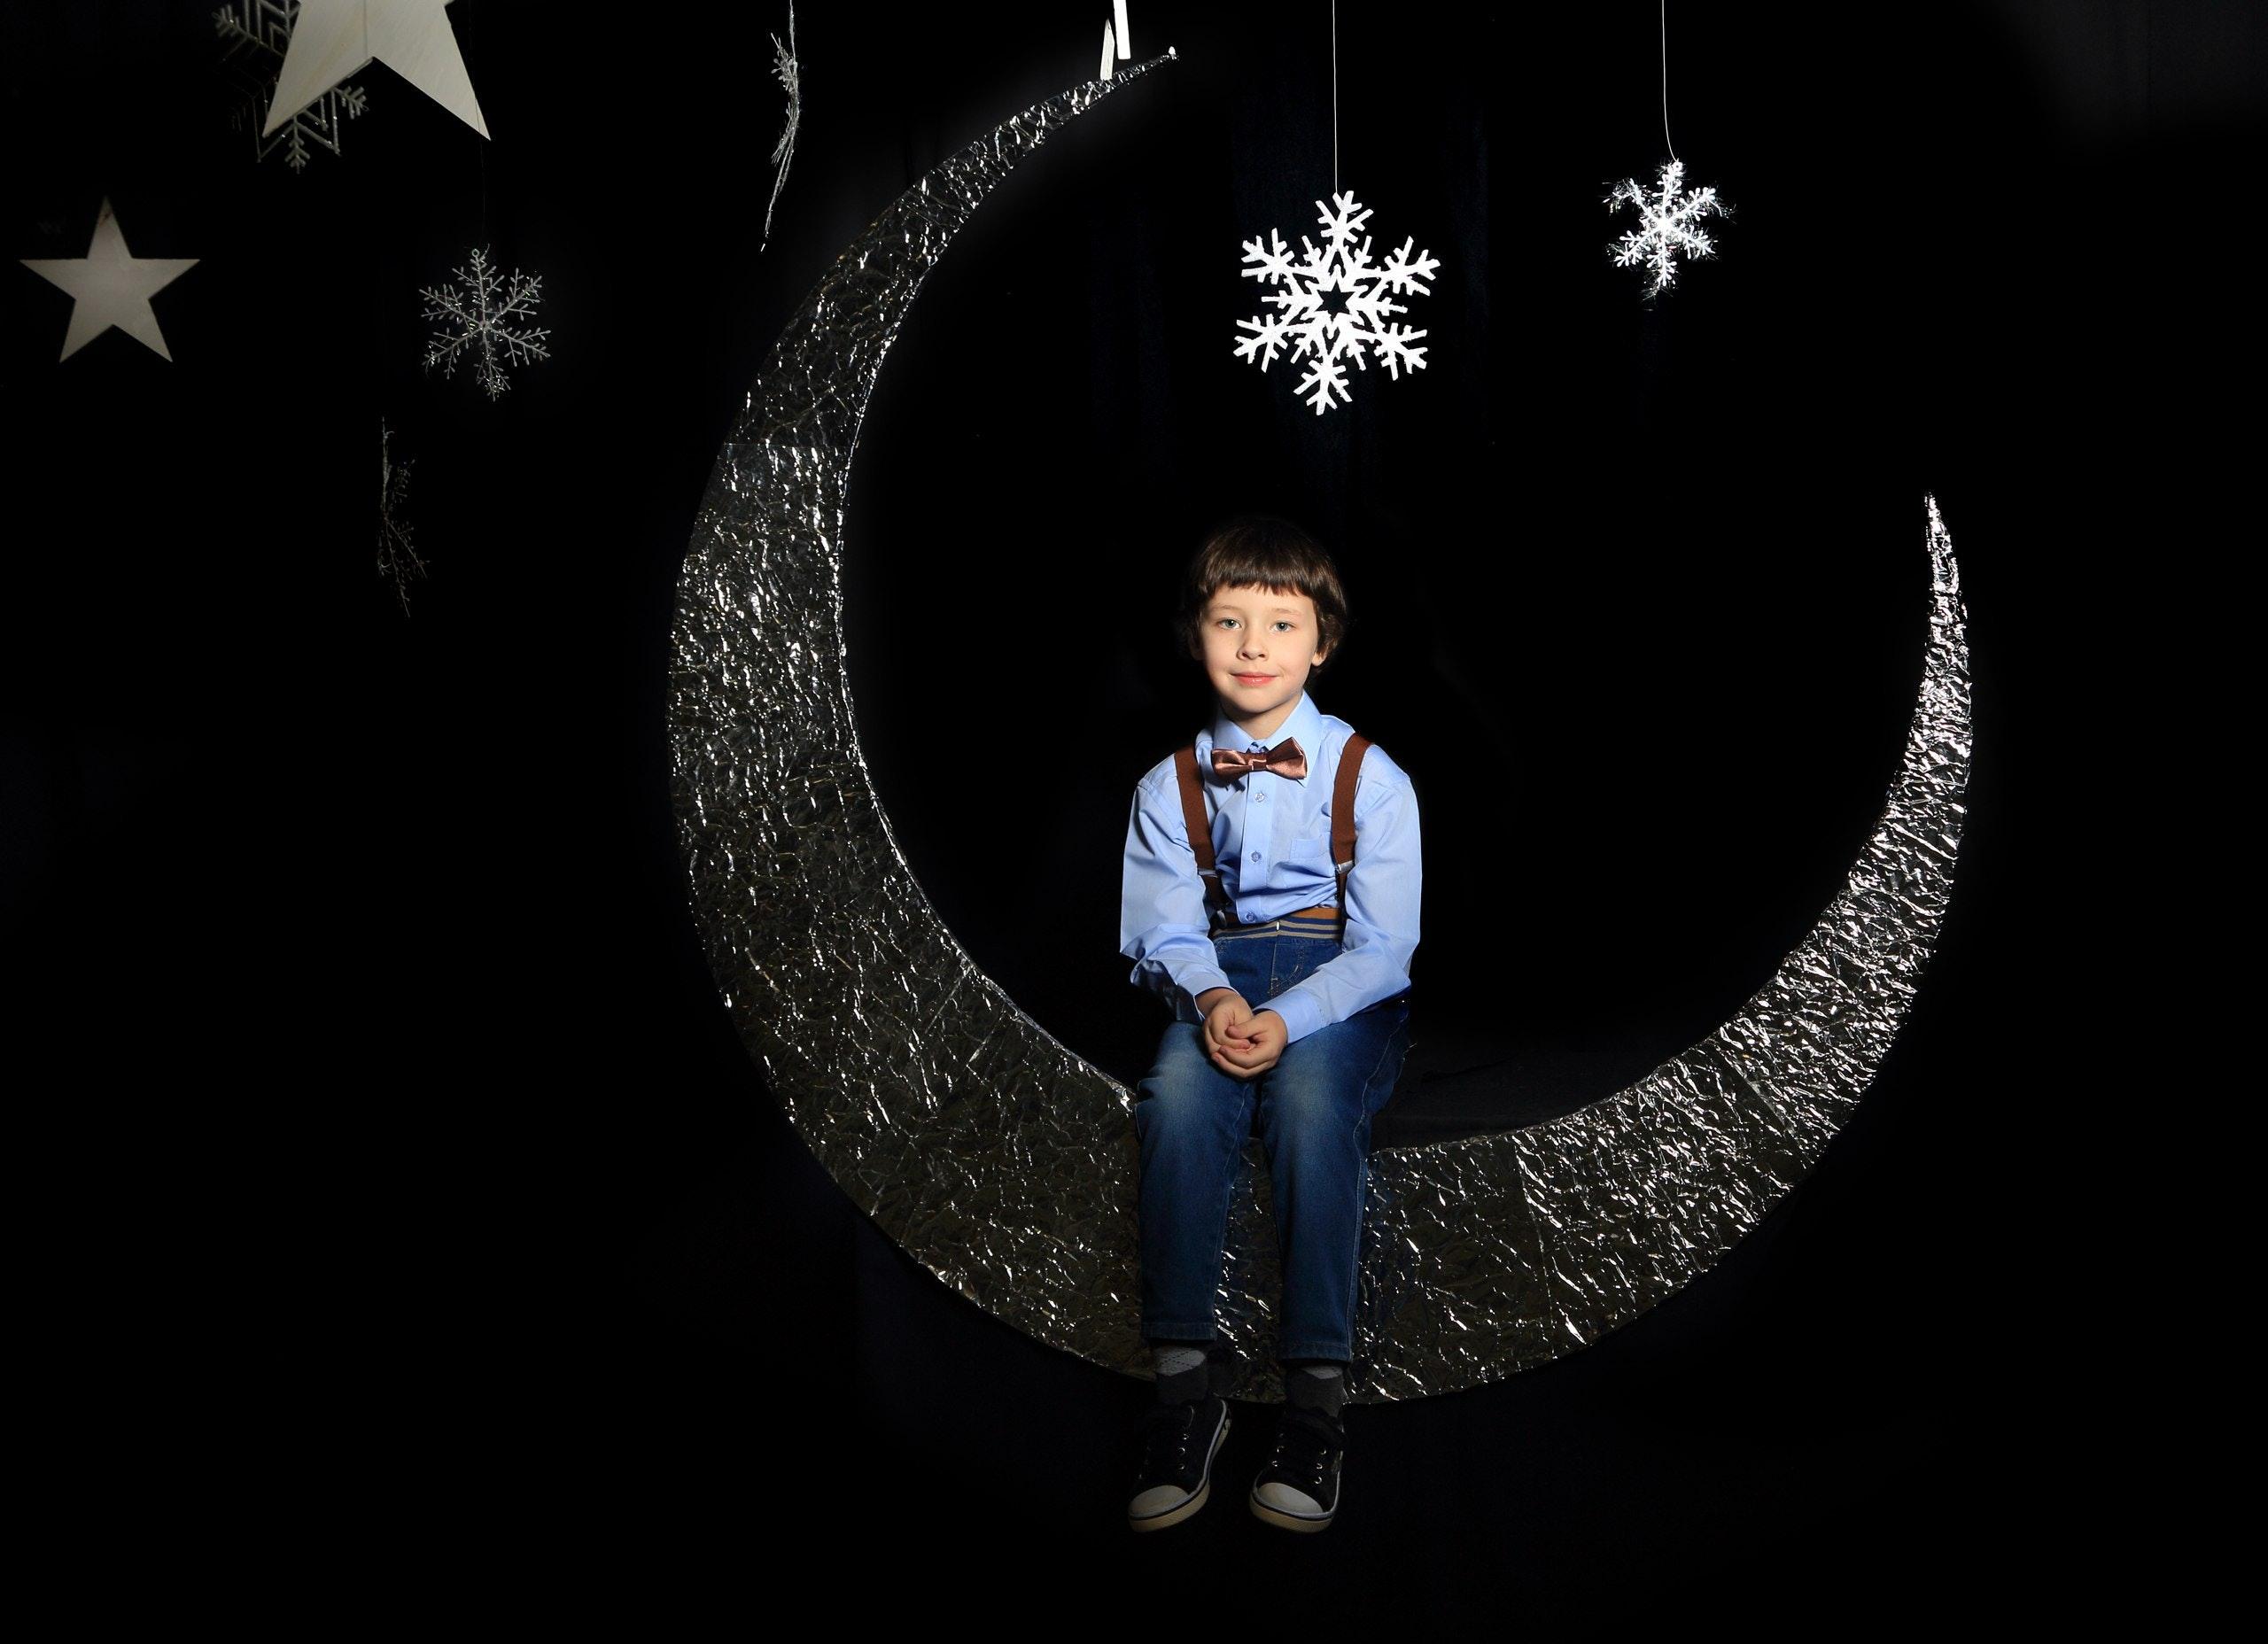 Anak Laki Laki Duduk Di Dekorasi Bulan · Foto Stok Gratis